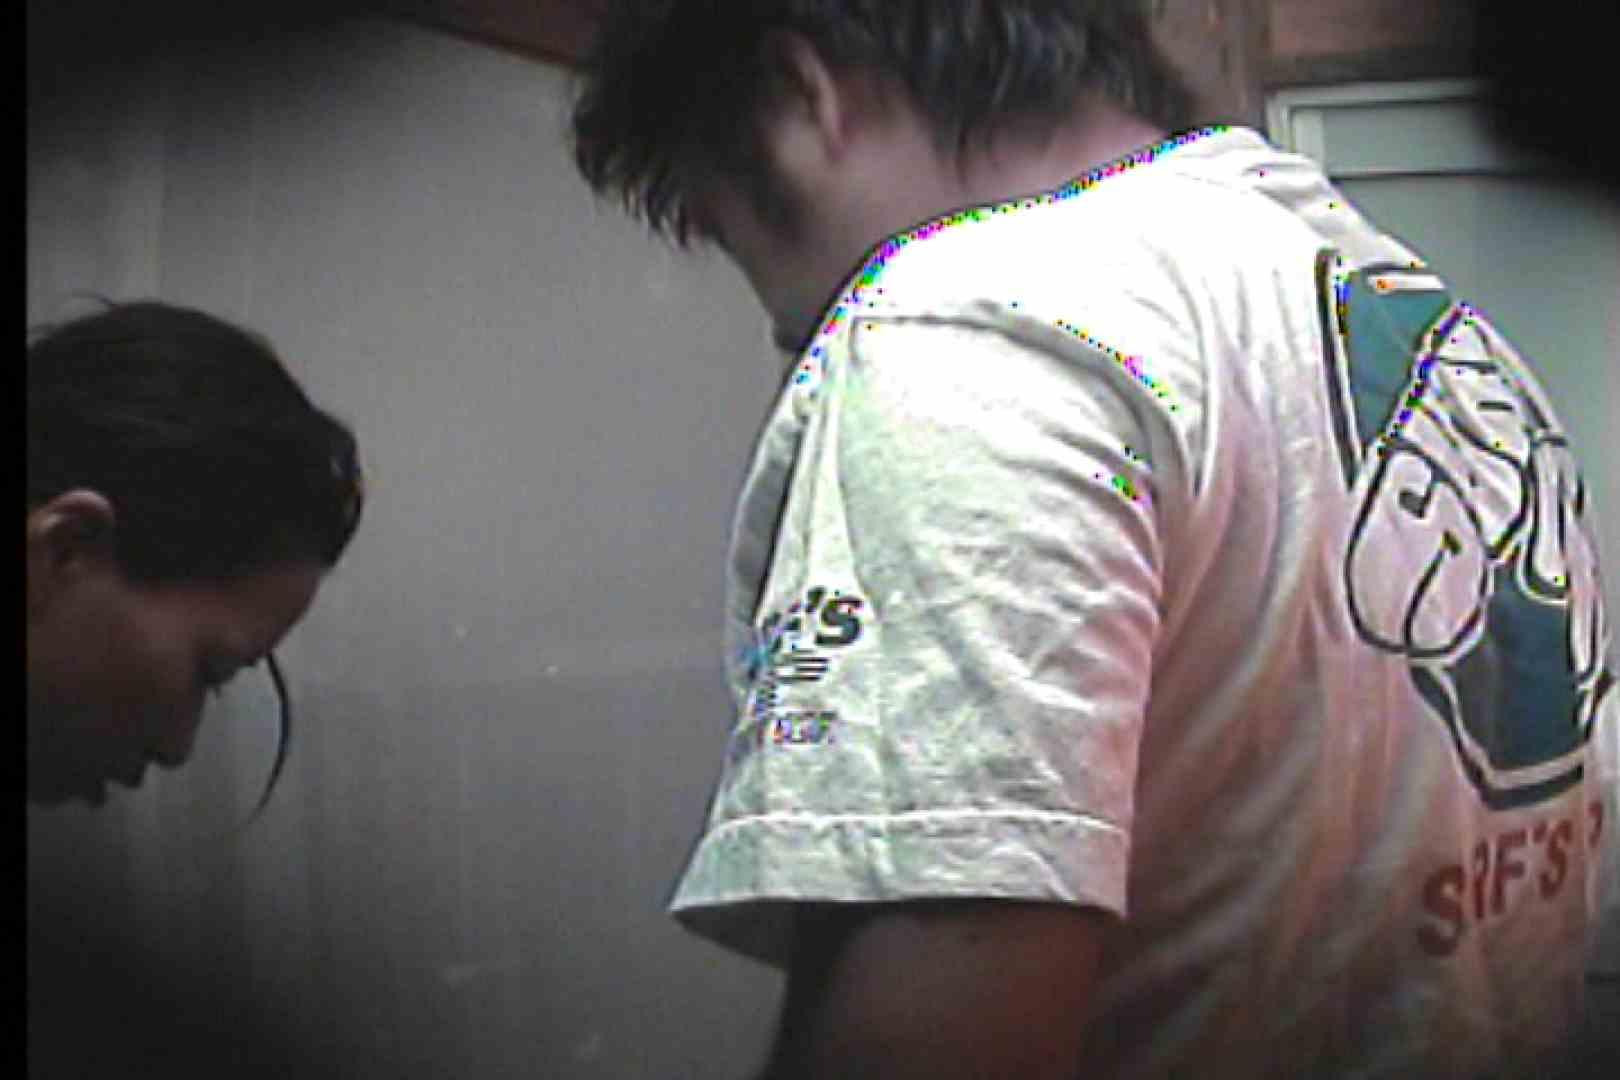 海の家の更衣室 Vol.33 丸見え オメコ動画キャプチャ 110枚 110